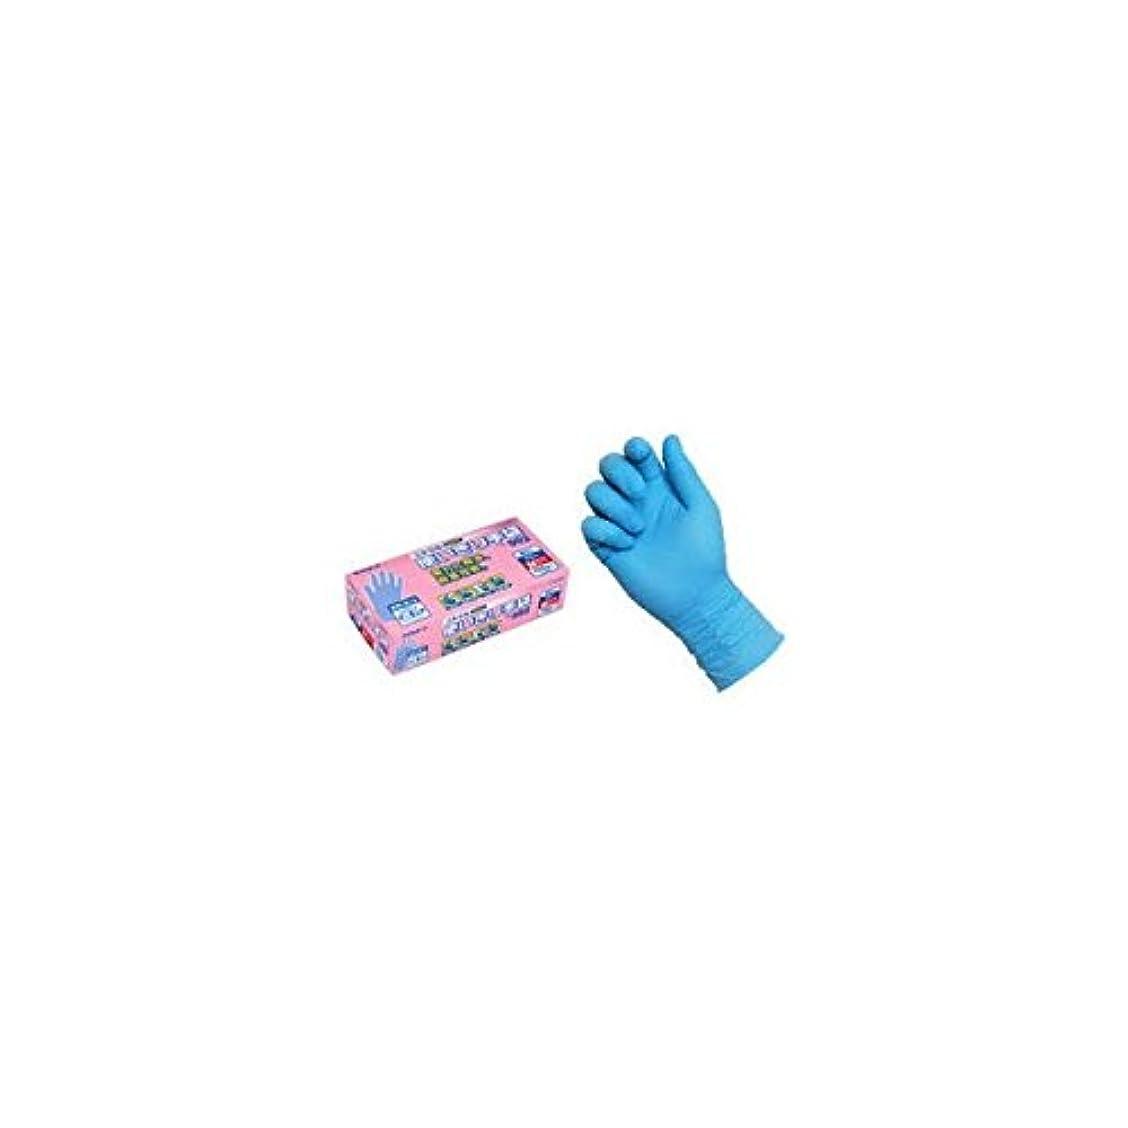 精神医学私たち自身地雷原ニトリル使いきり手袋 PF NO.992 L ブルー エステー 【商品CD】ST4786